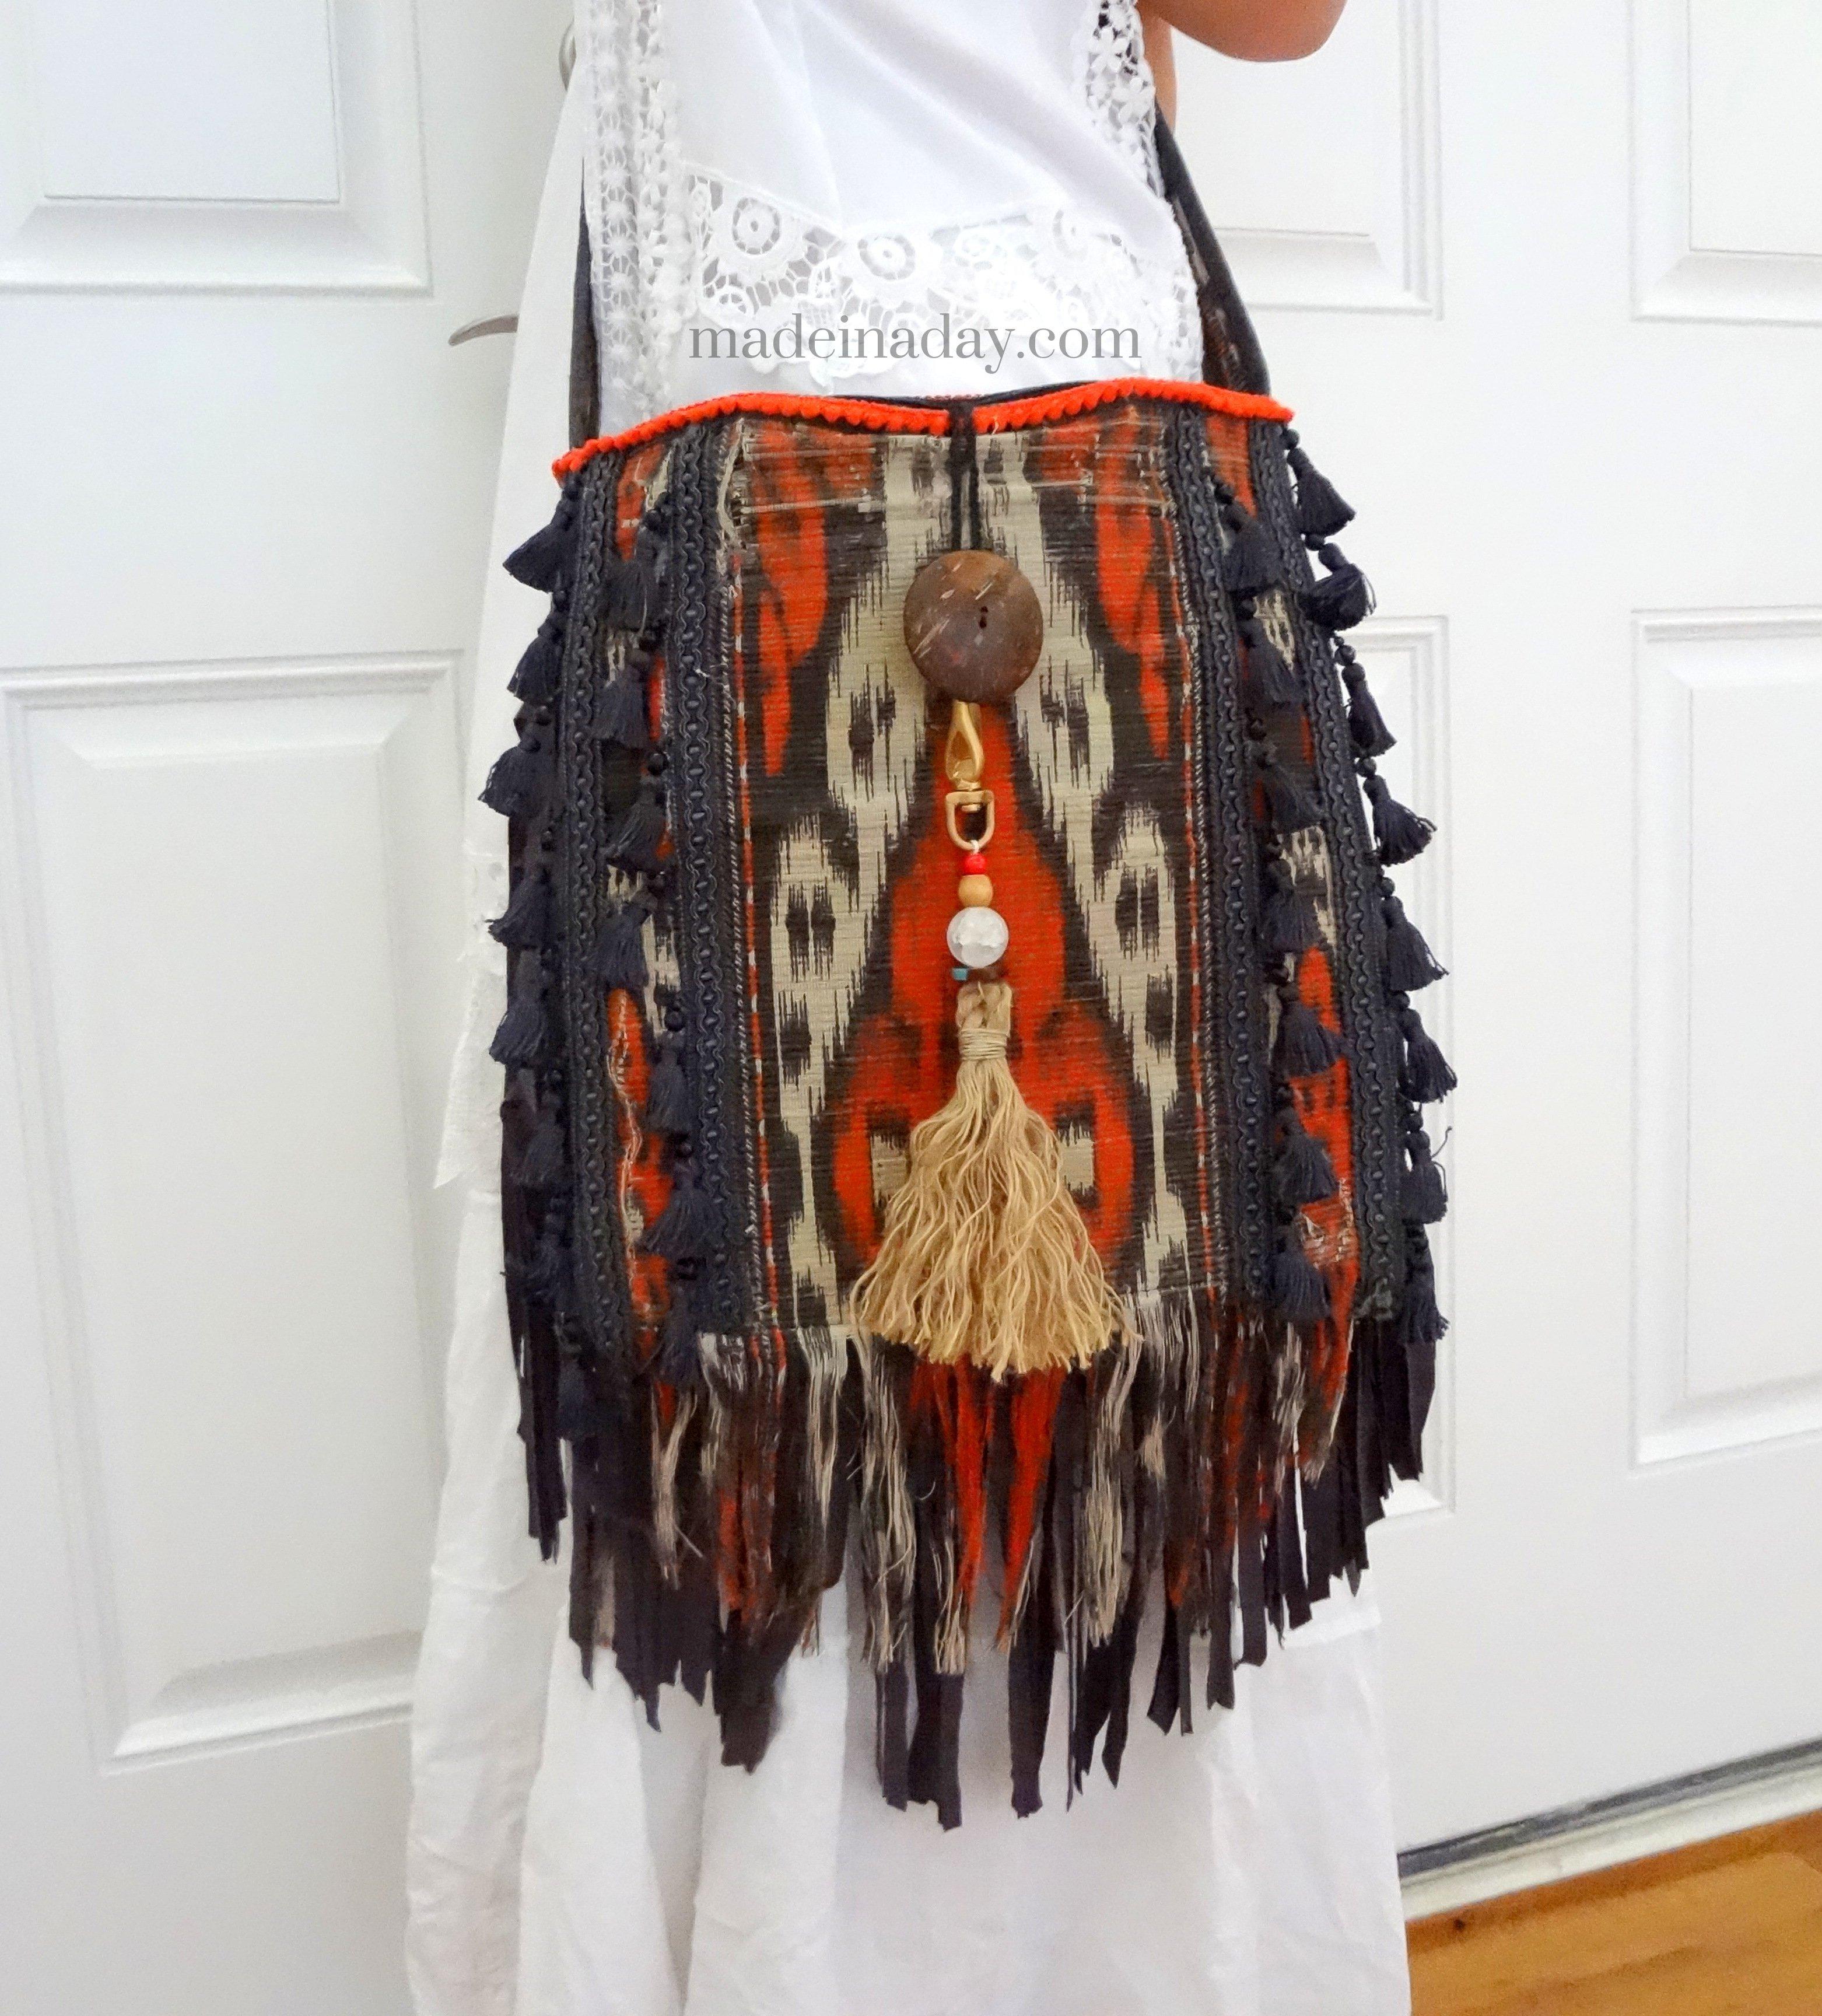 diy boho tassel and fringe purse made in a day. Black Bedroom Furniture Sets. Home Design Ideas